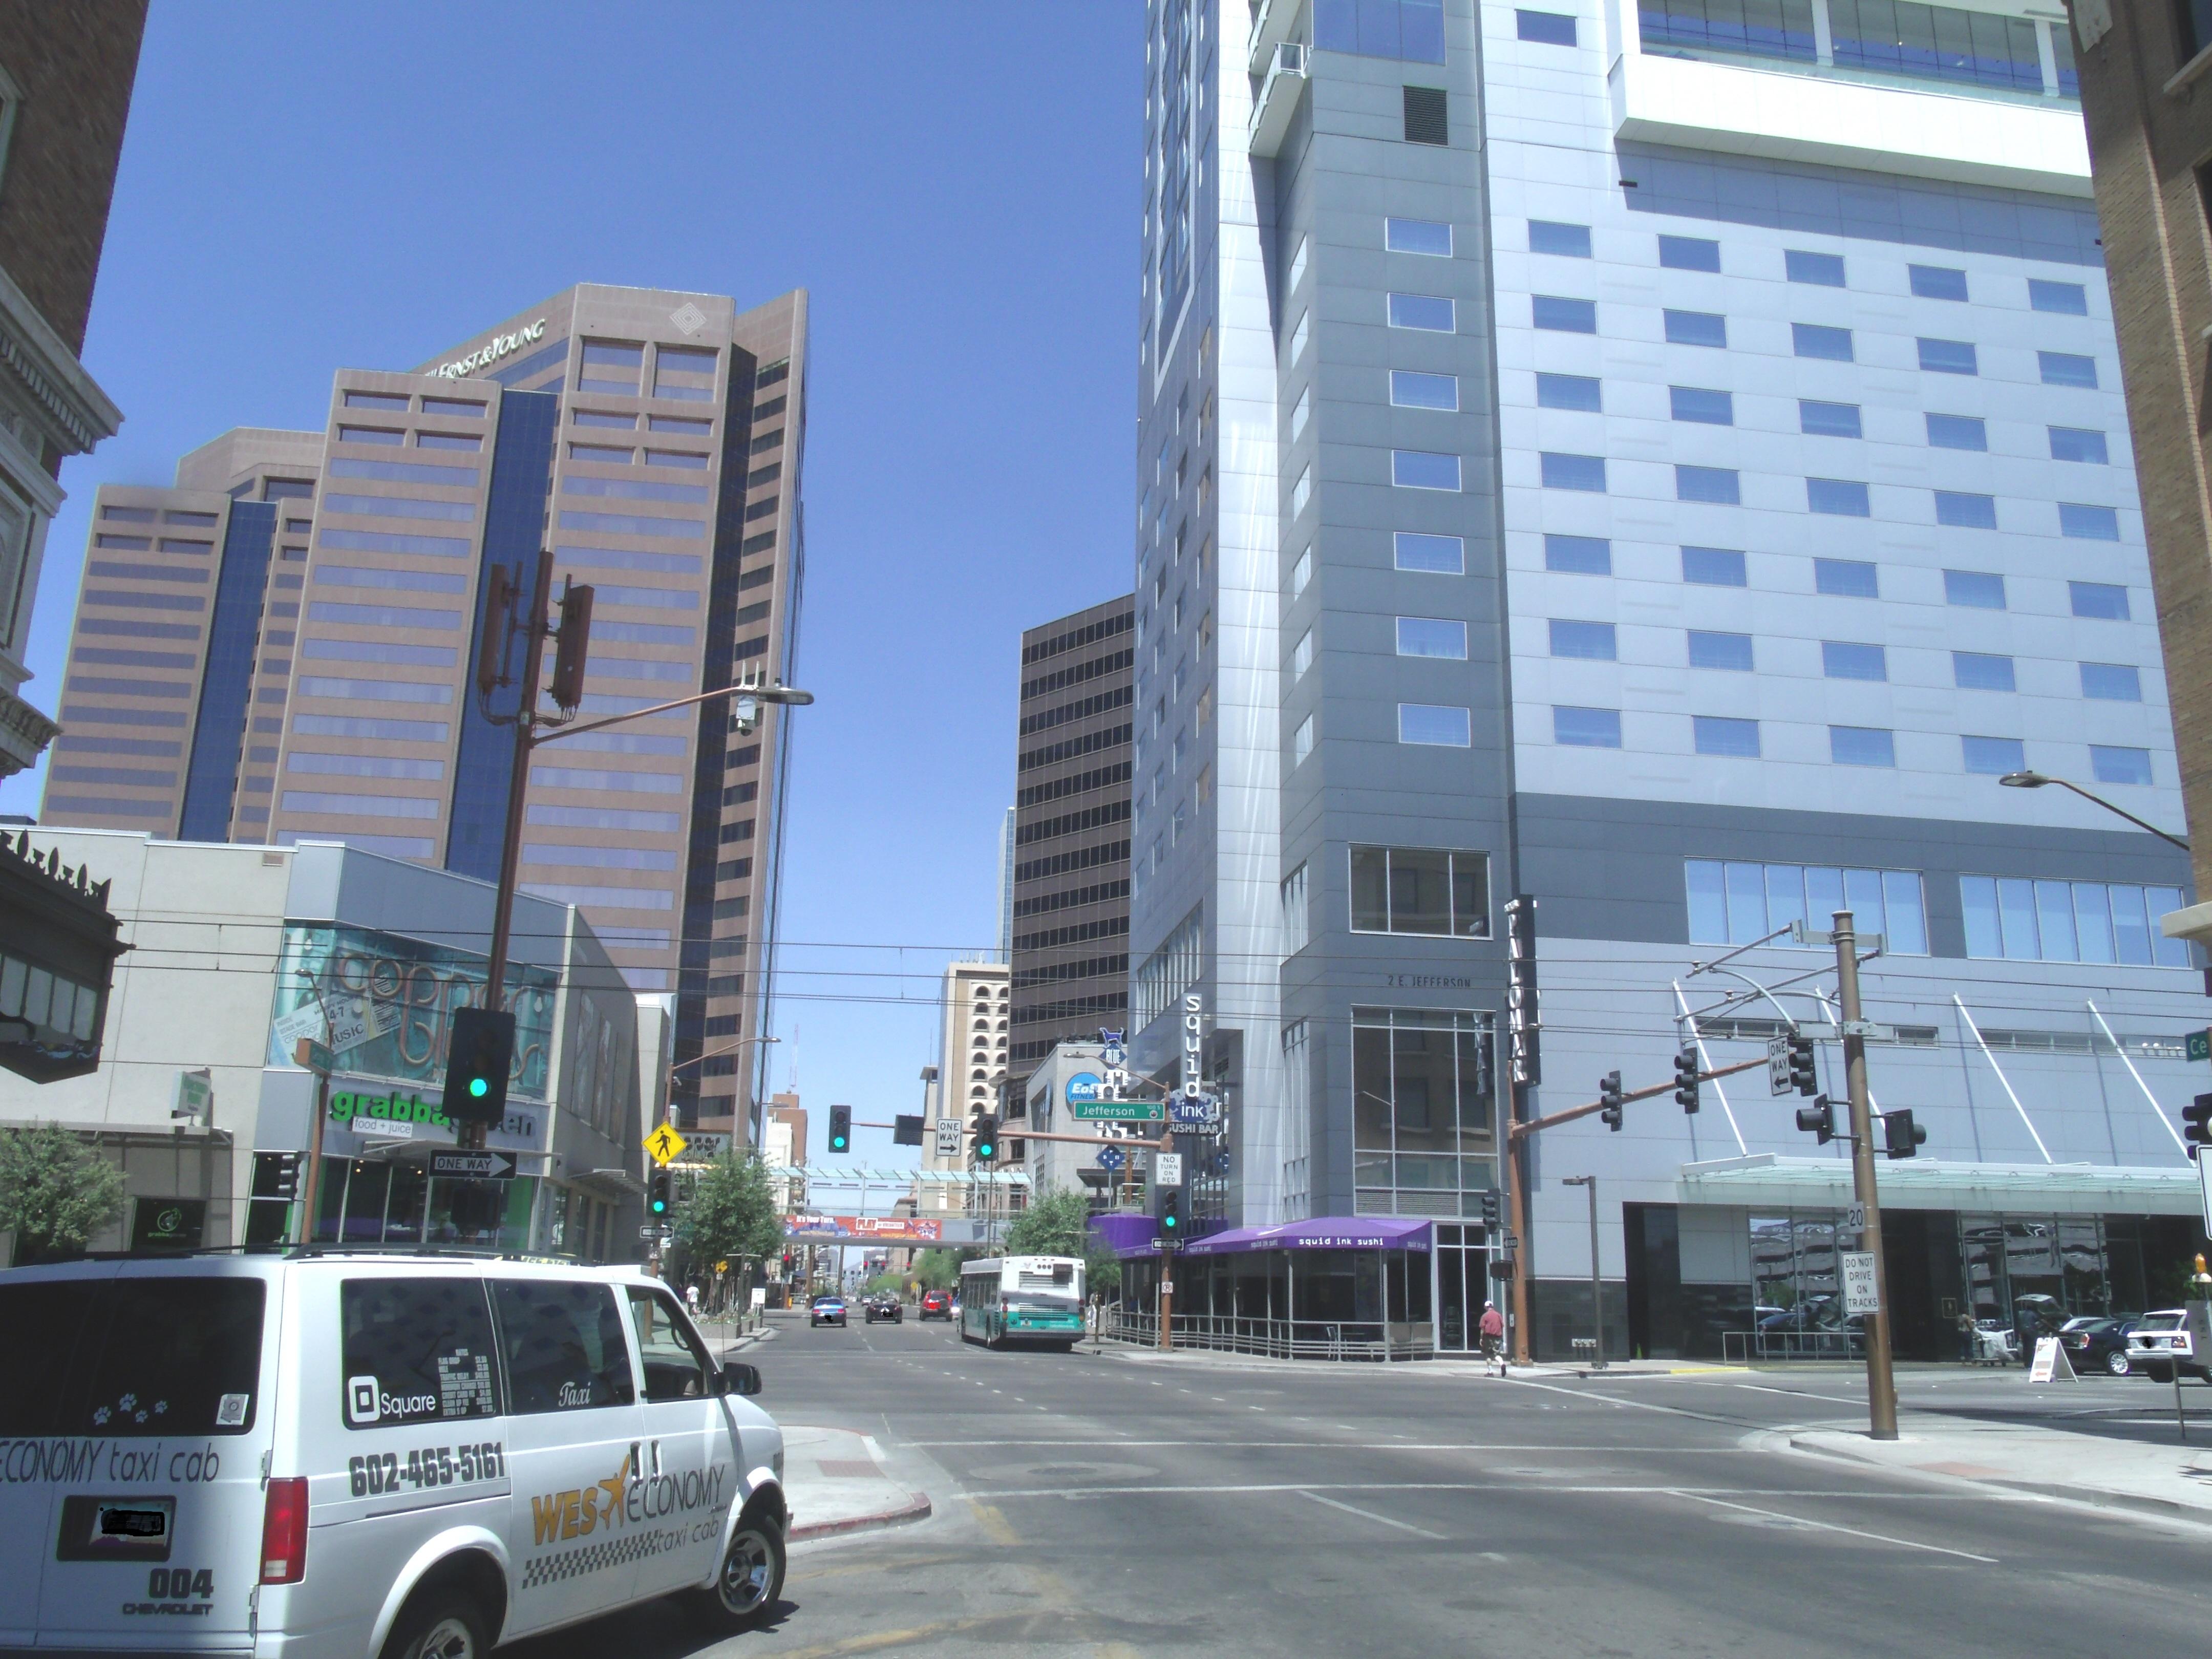 Central Avenue Corridor Wikipedia